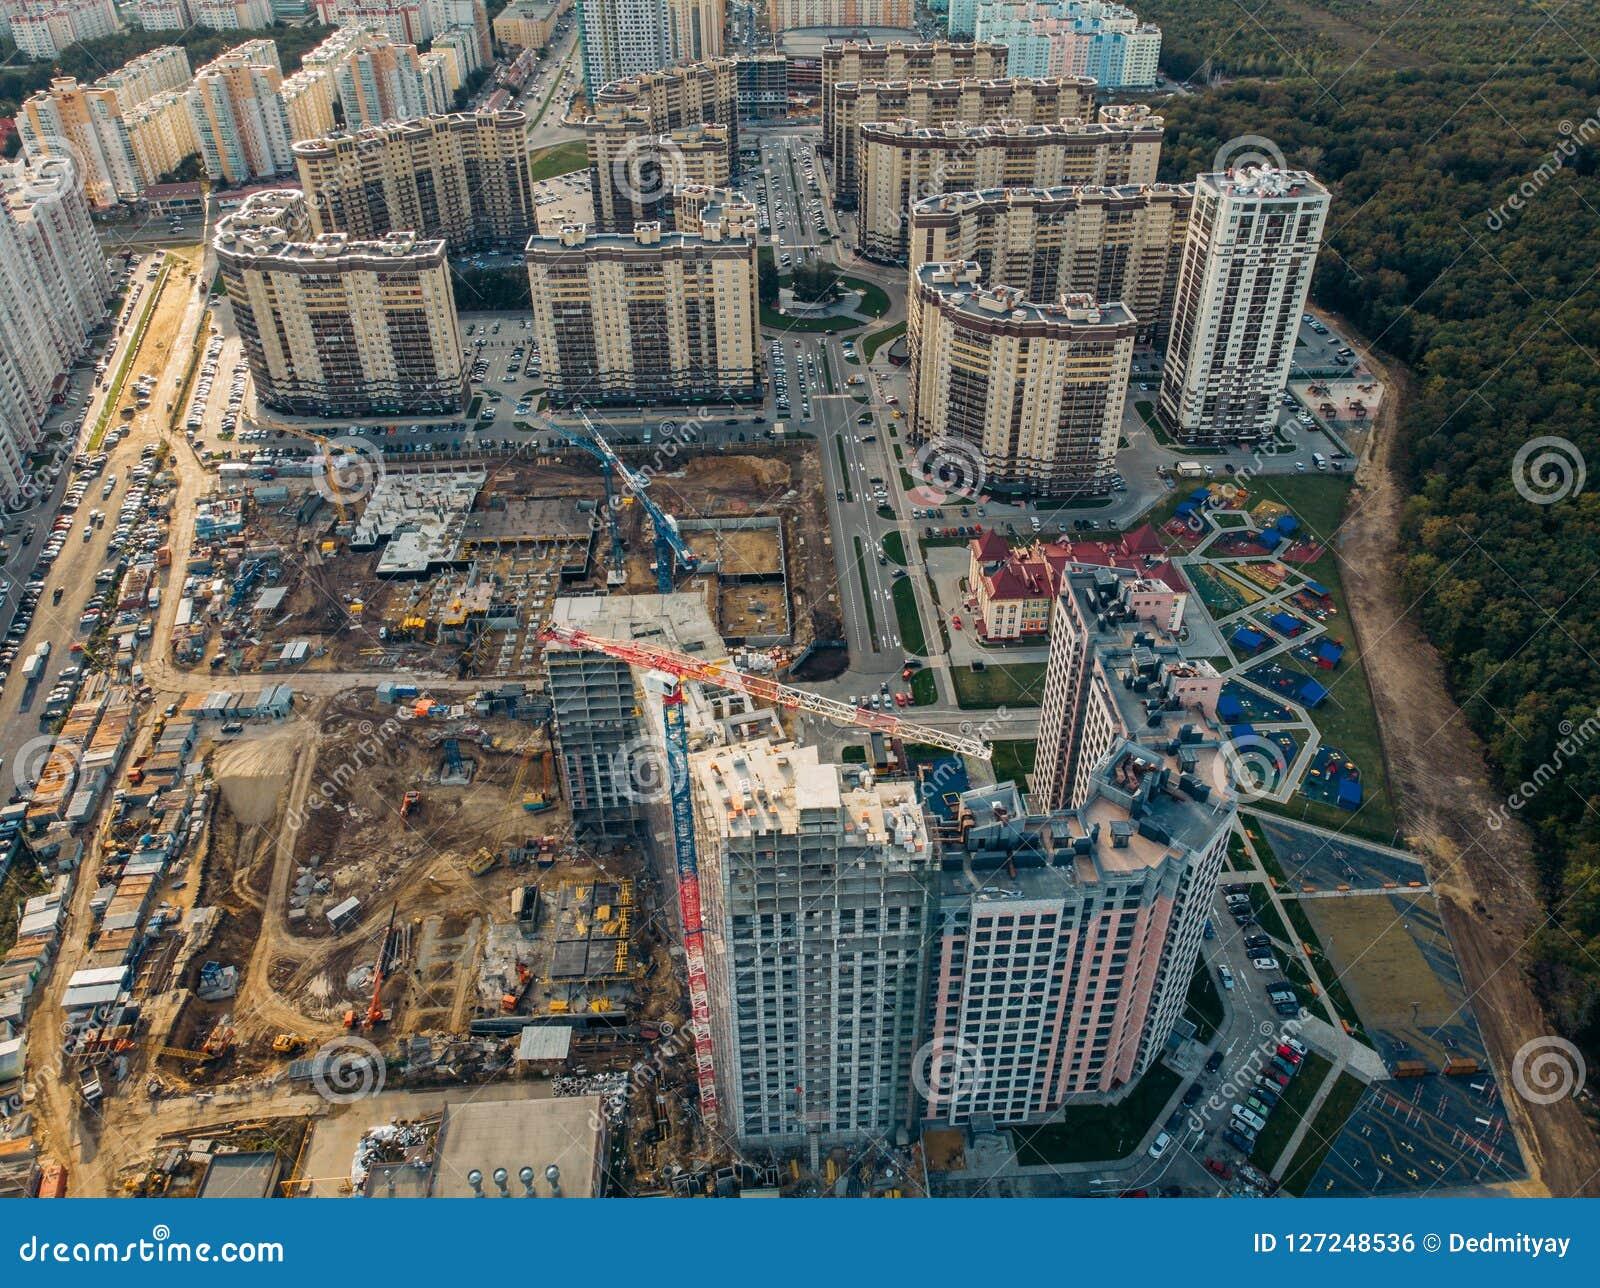 Εργοτάξιο οικοδομής με την οικοδόμηση των γερανών και άλλου εξοπλισμού, βιομηχανικά χτισμένα ή κτήρια ανάπτυξης κτημάτων σύγχρονα